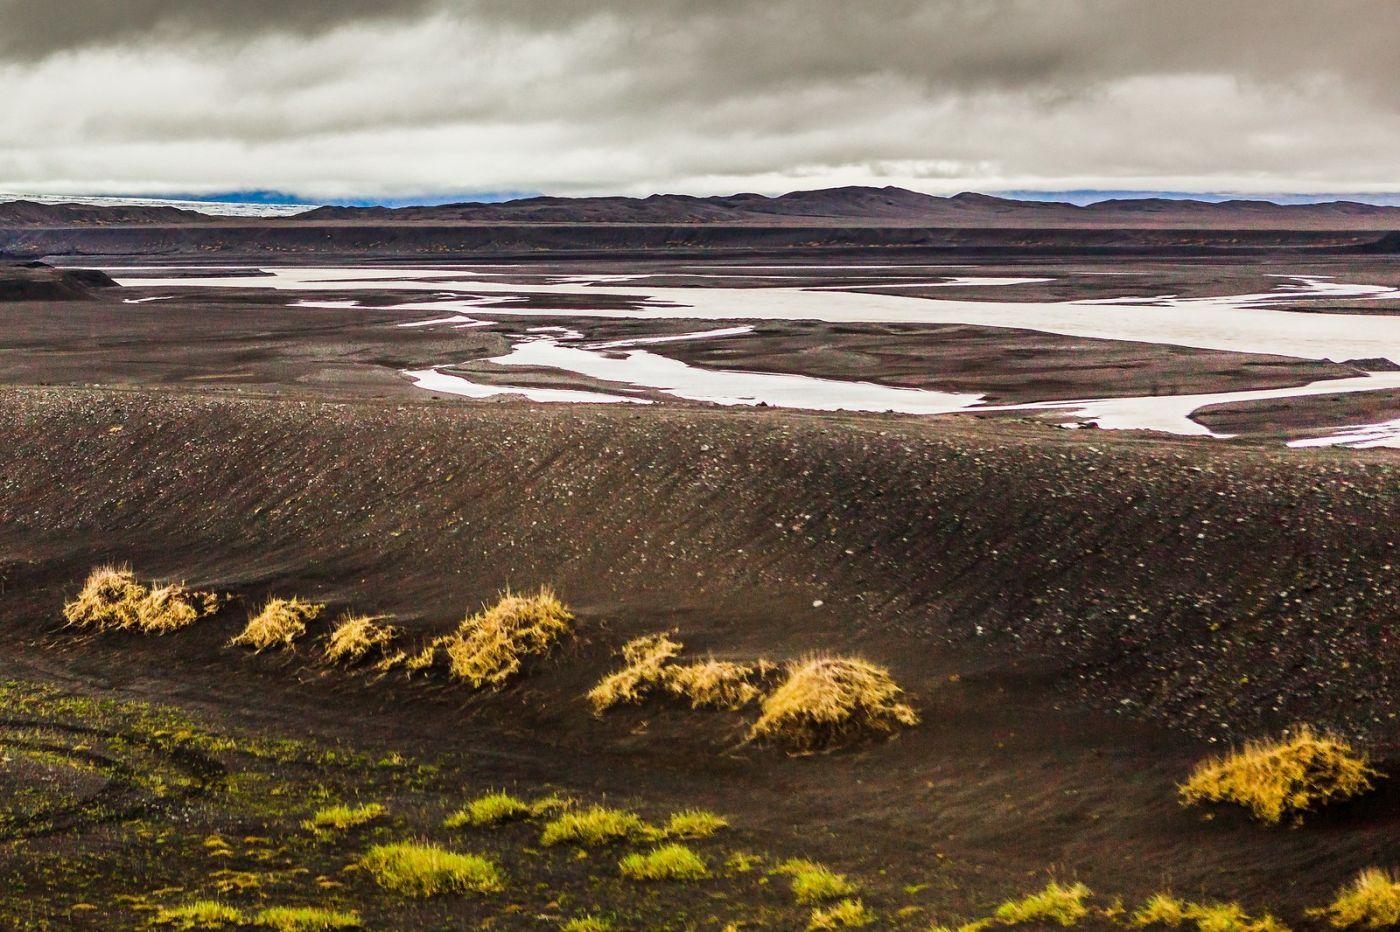 冰岛风采,那一片水景_图1-35